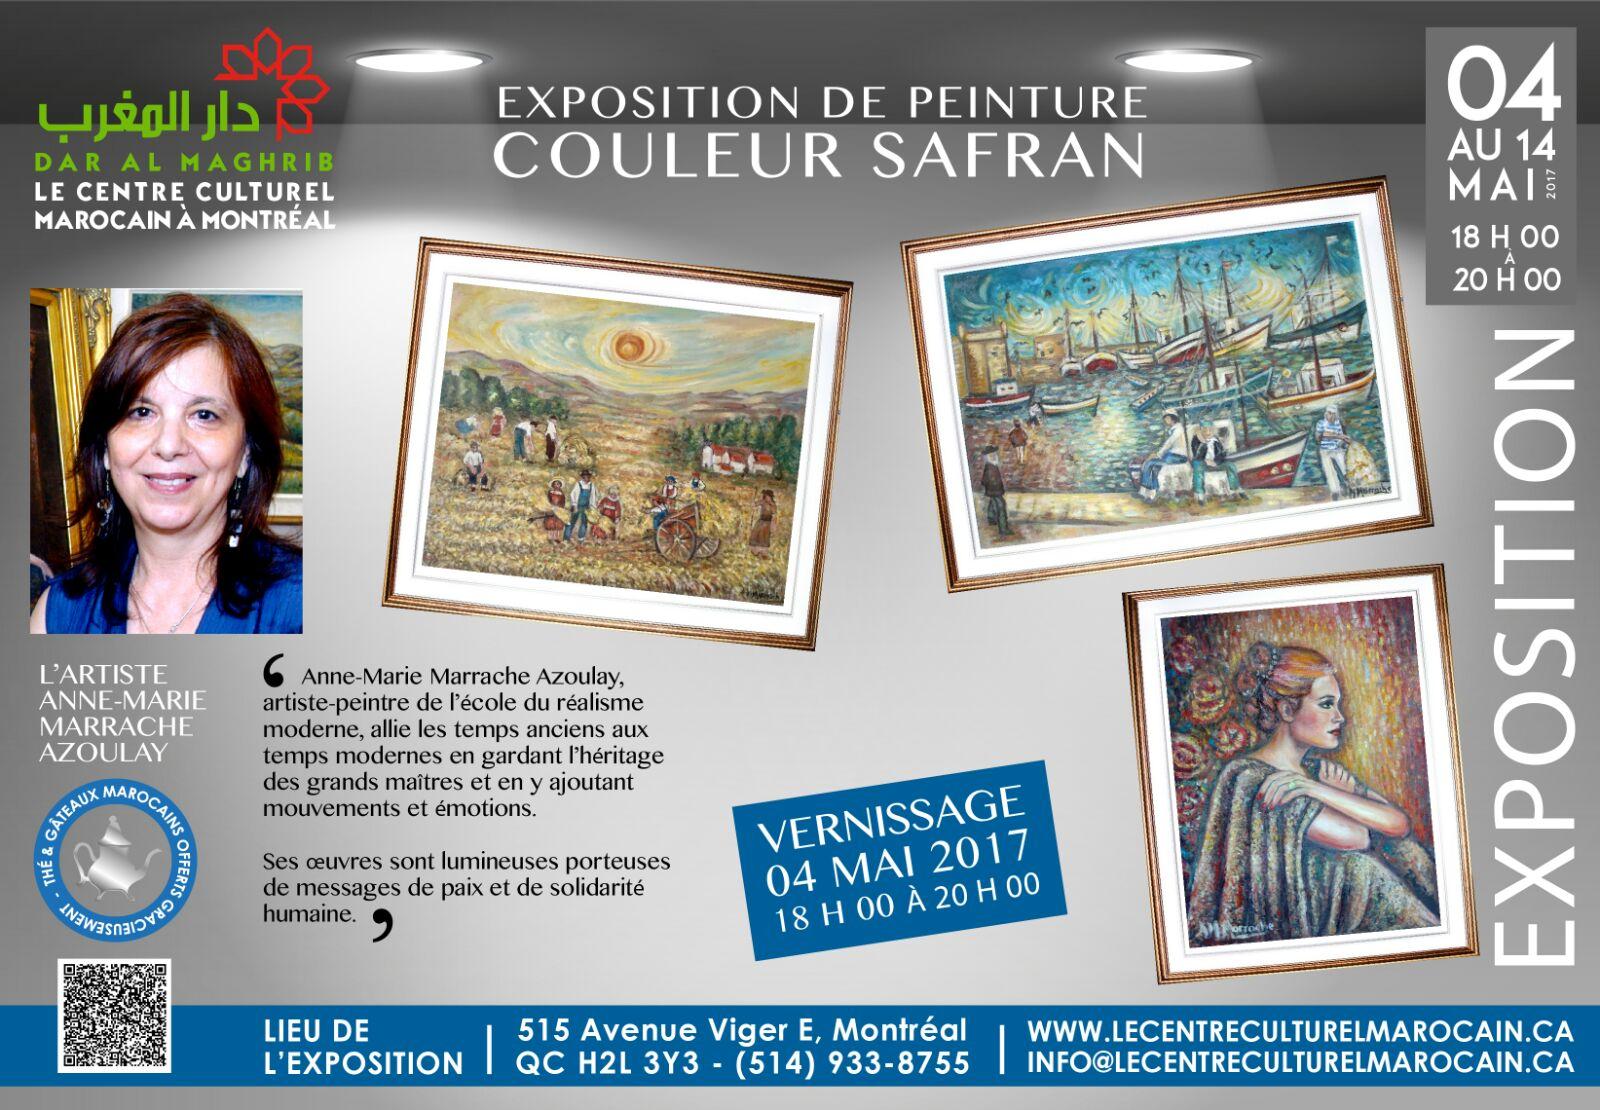 La Maison du Maroc reçoit l'Expo Couleur Safran de Mme Azoulay